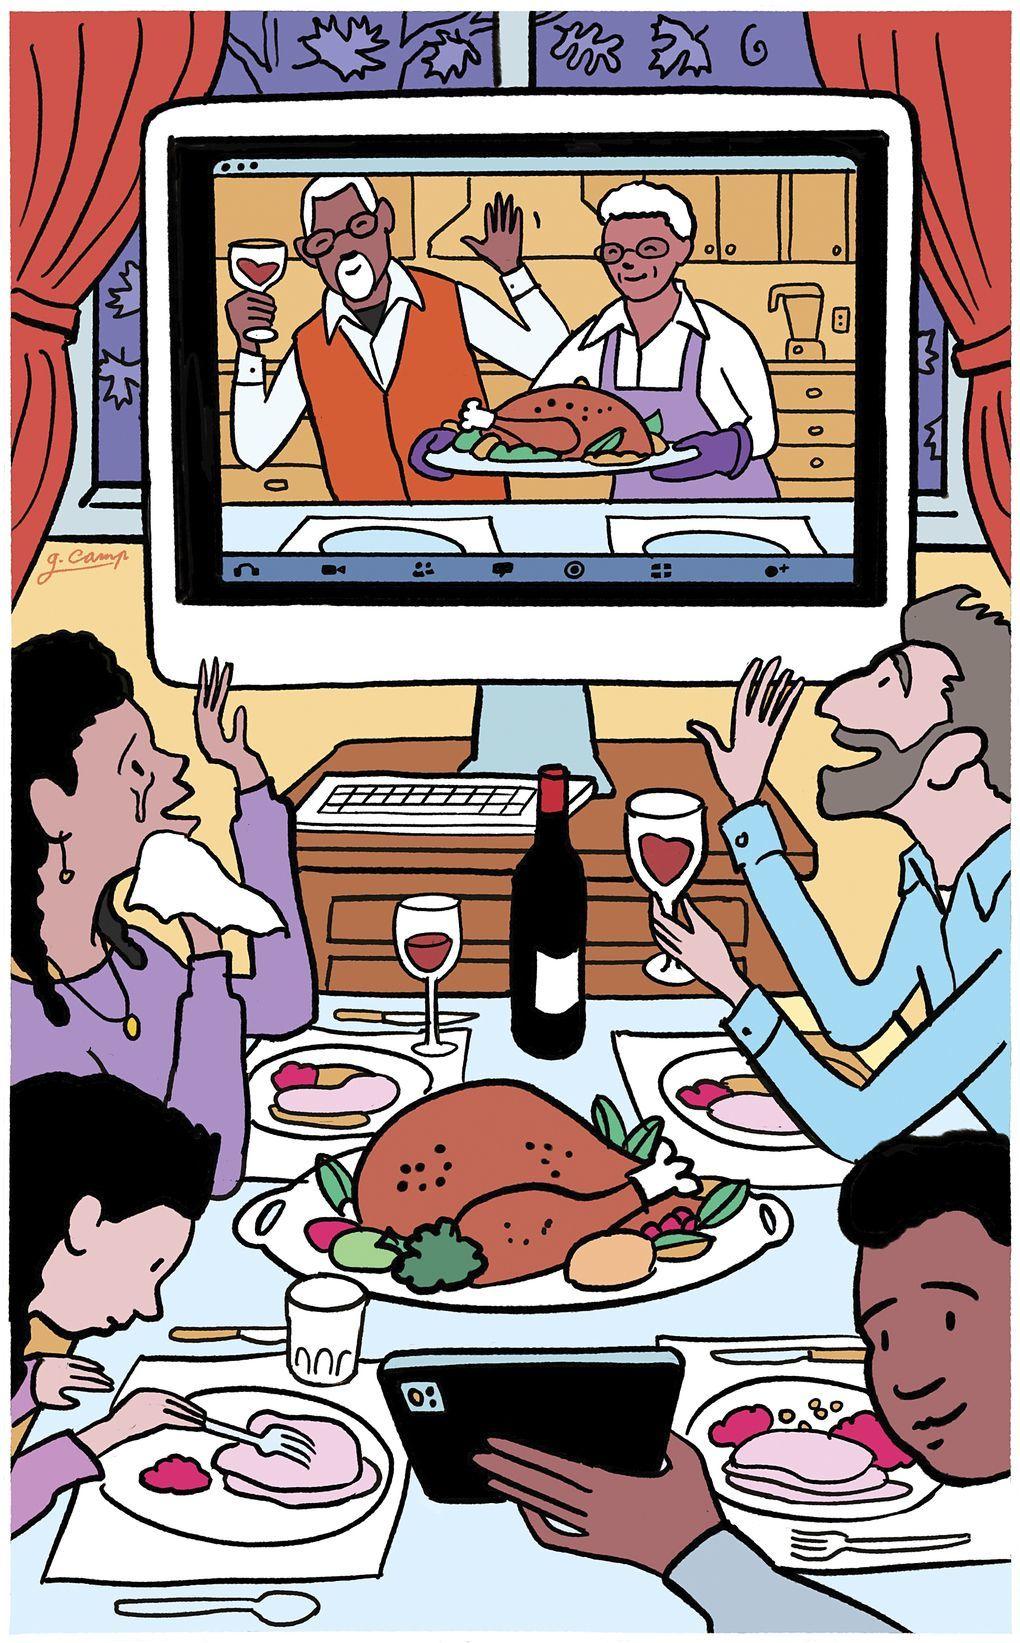 Fun Ways to Modify Thanksgiving Plans